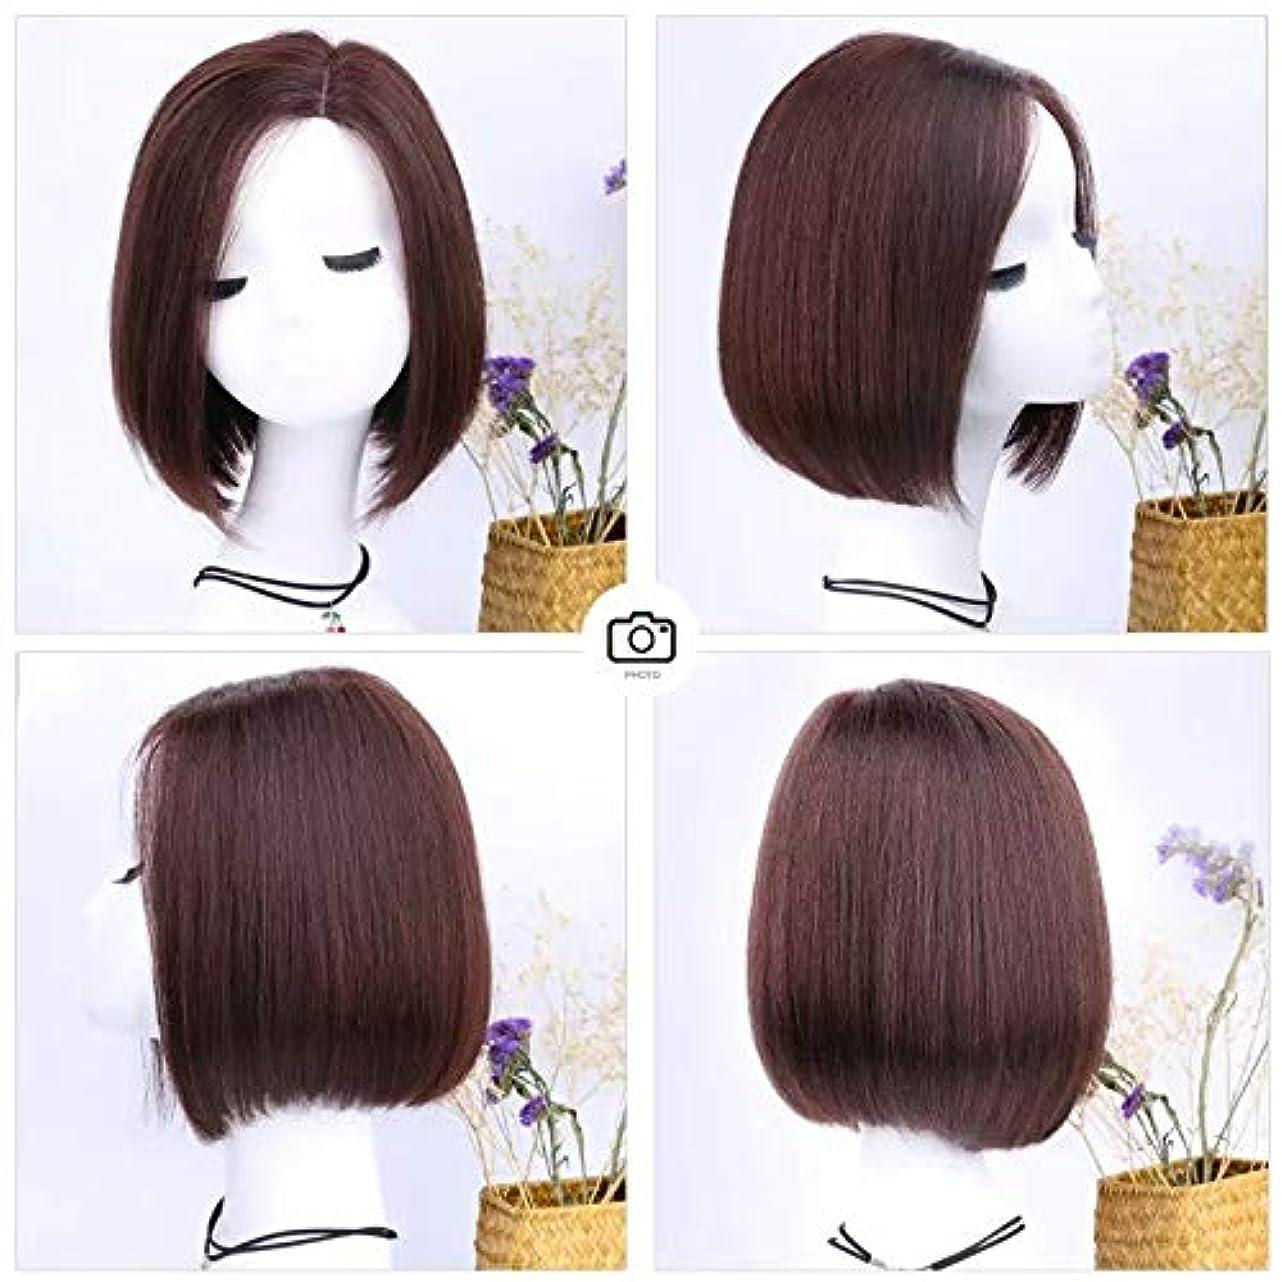 遵守するすり聖域YOUQIU ロングストレートヘアーの女性のかつらのために実際に髪の内側にバックルふんわりナチュラルウィッグでボブショートヘア (色 : Dark brown, Design : Full hand weaving)